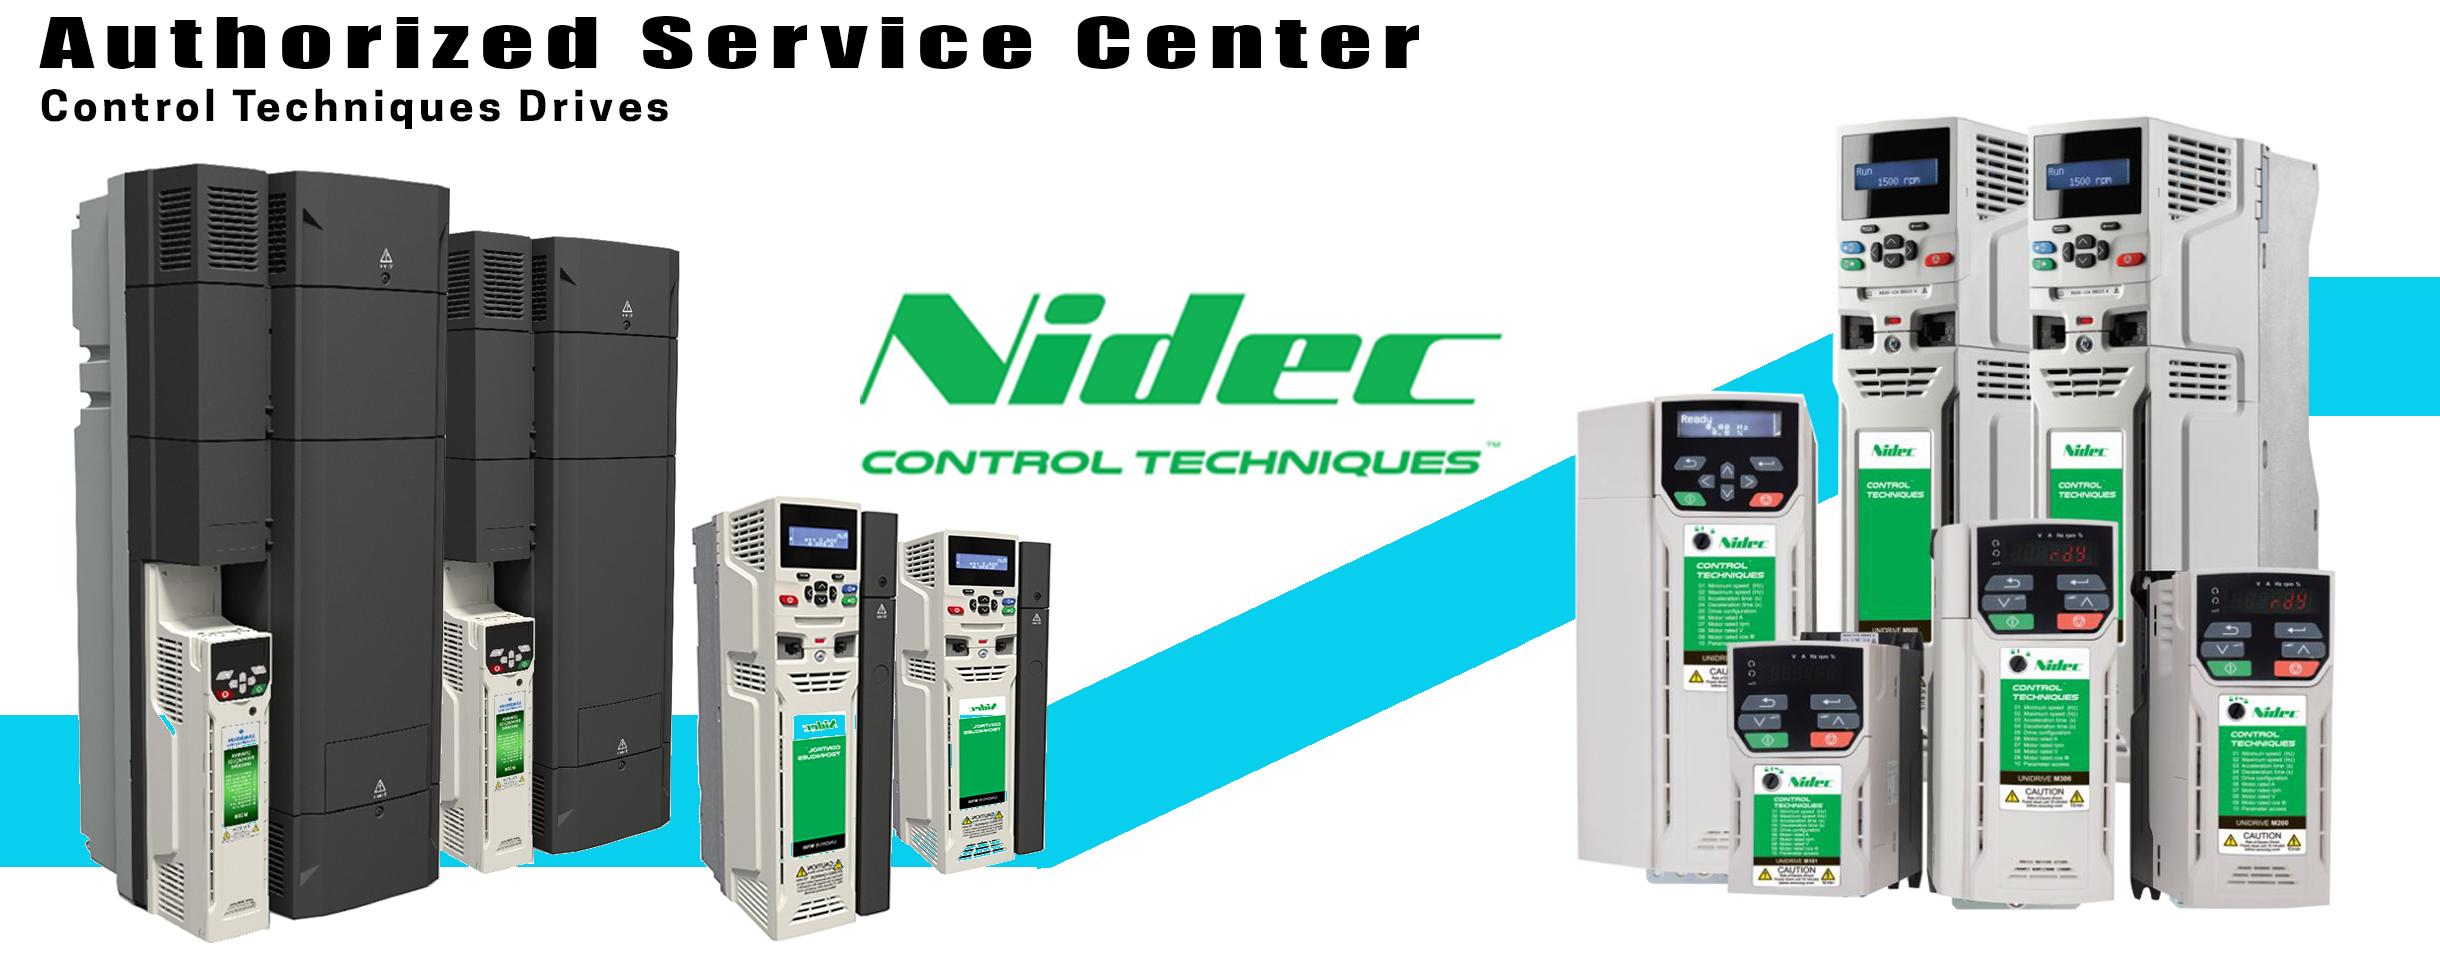 nidec control technique